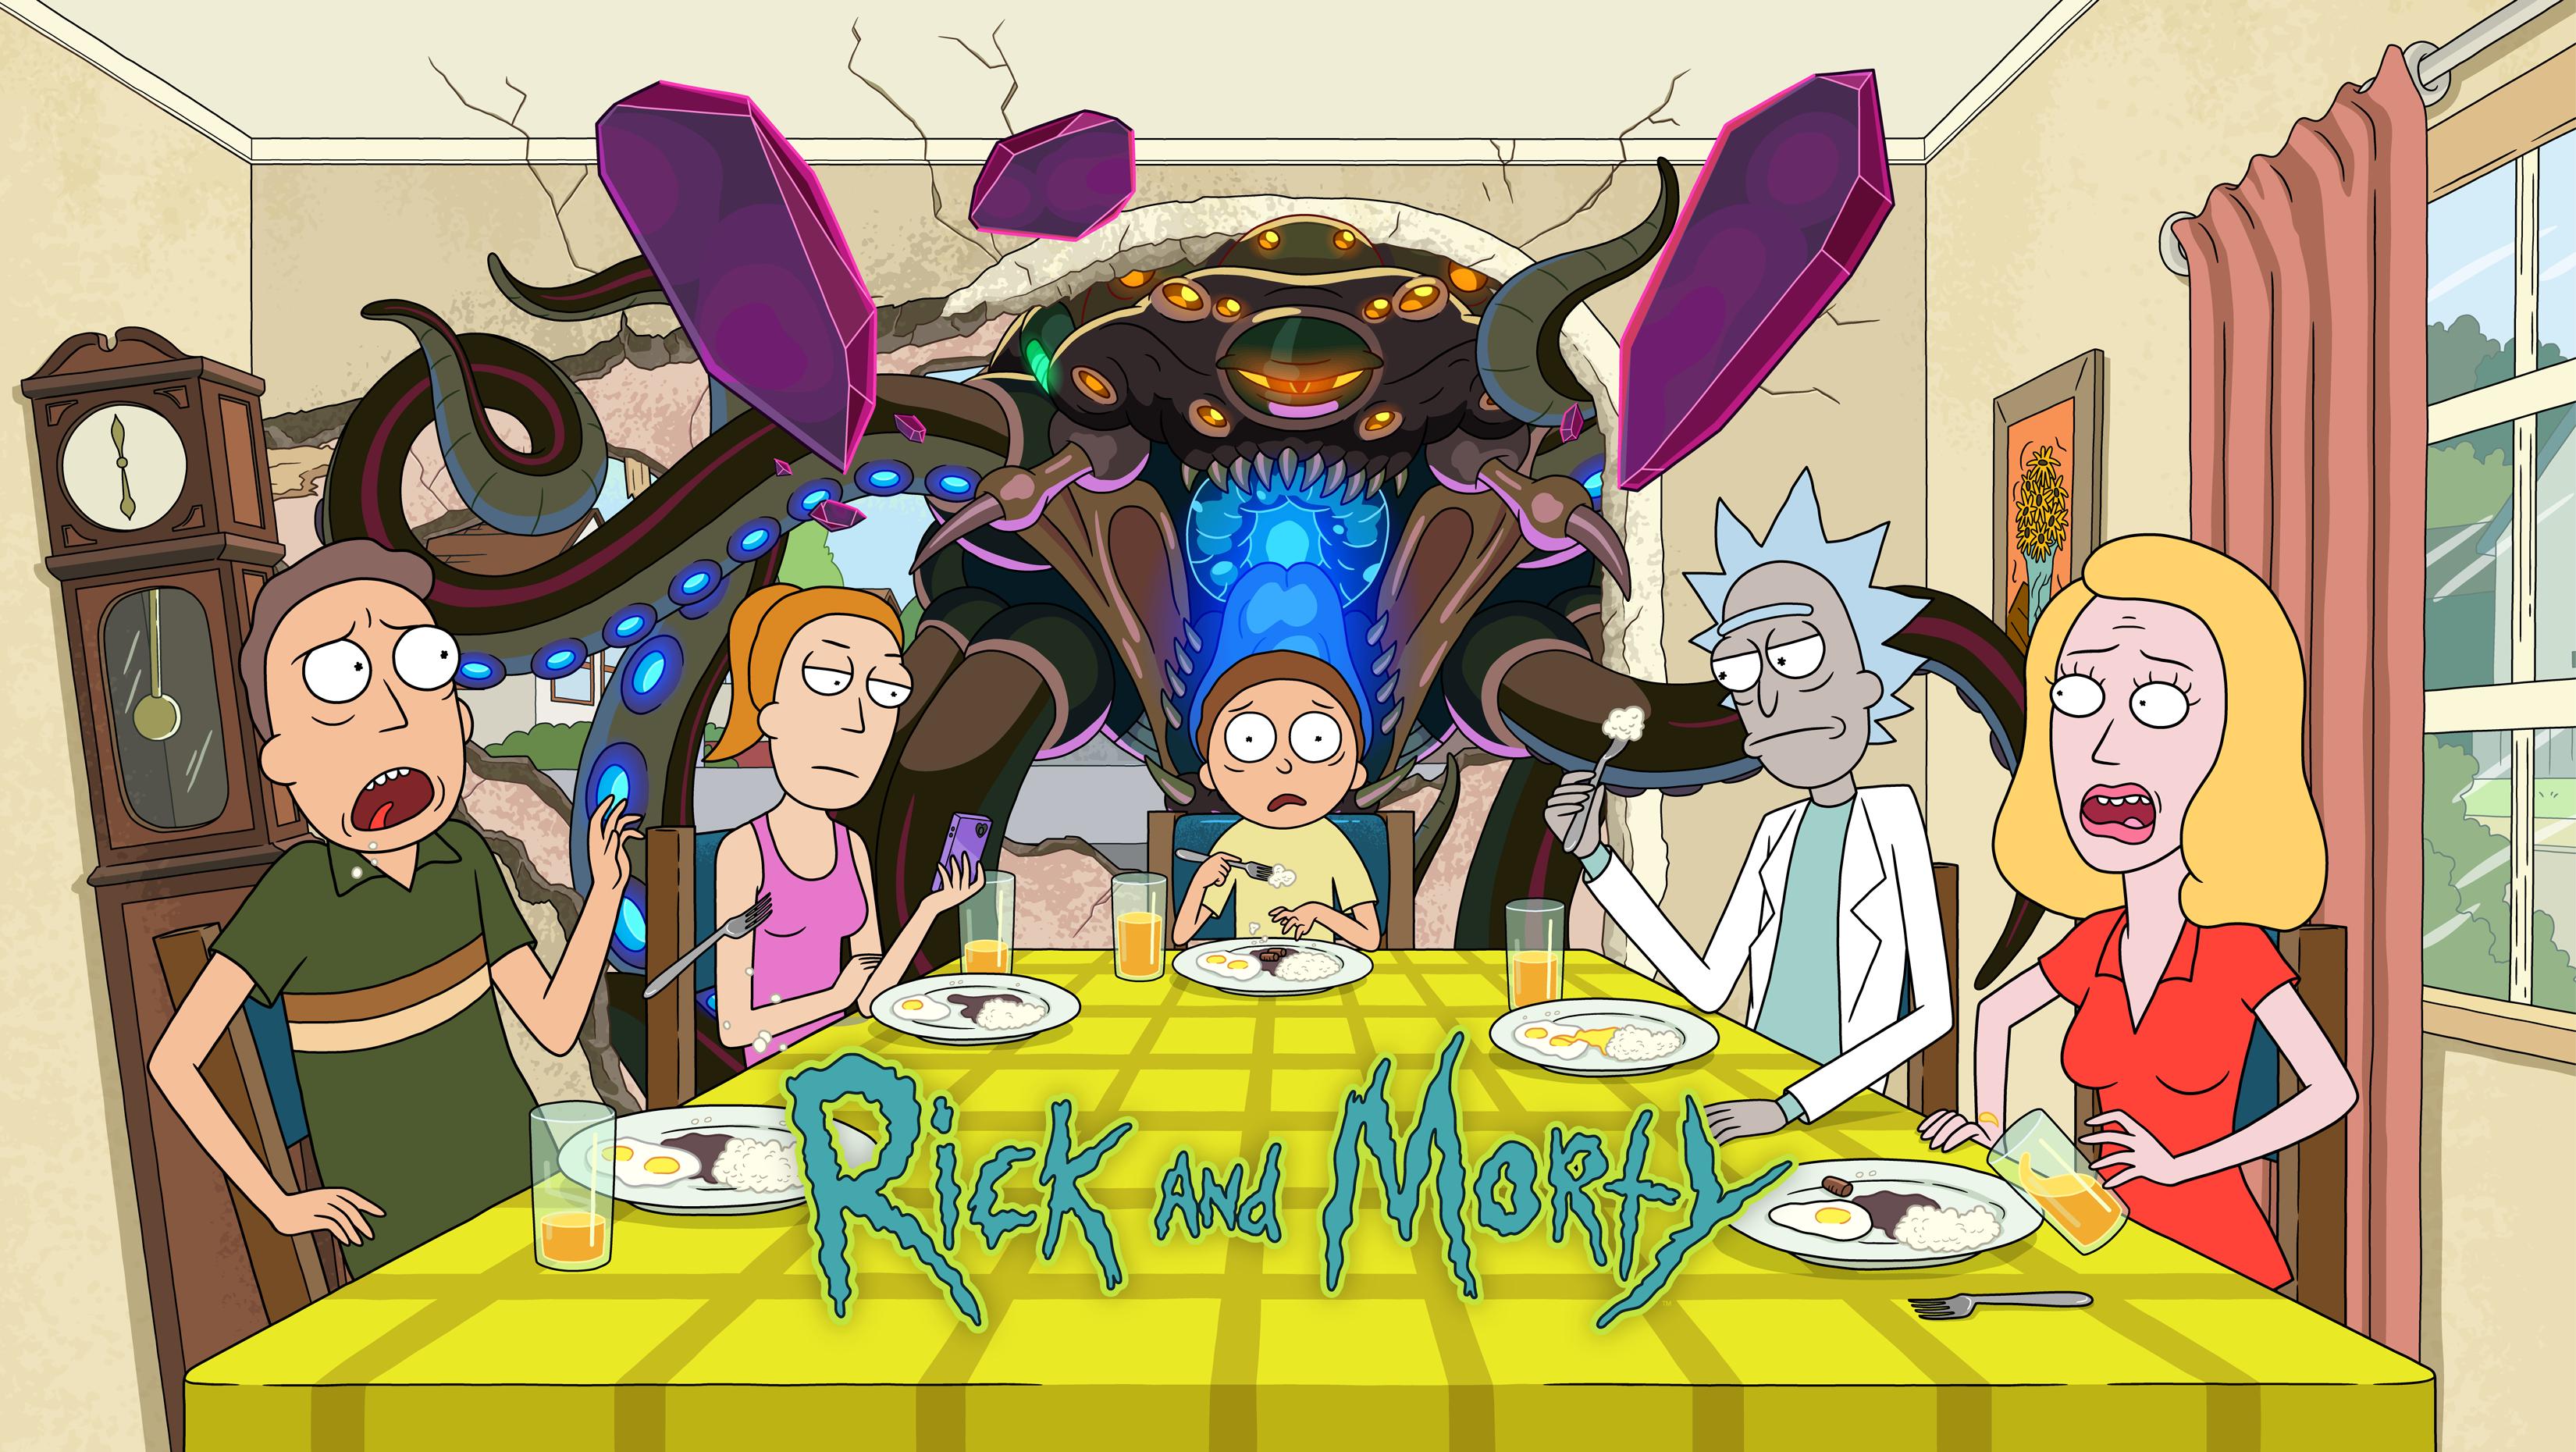 Rick et Morty : la saison 5 bientôt diffusée en France sur Adult Swim !